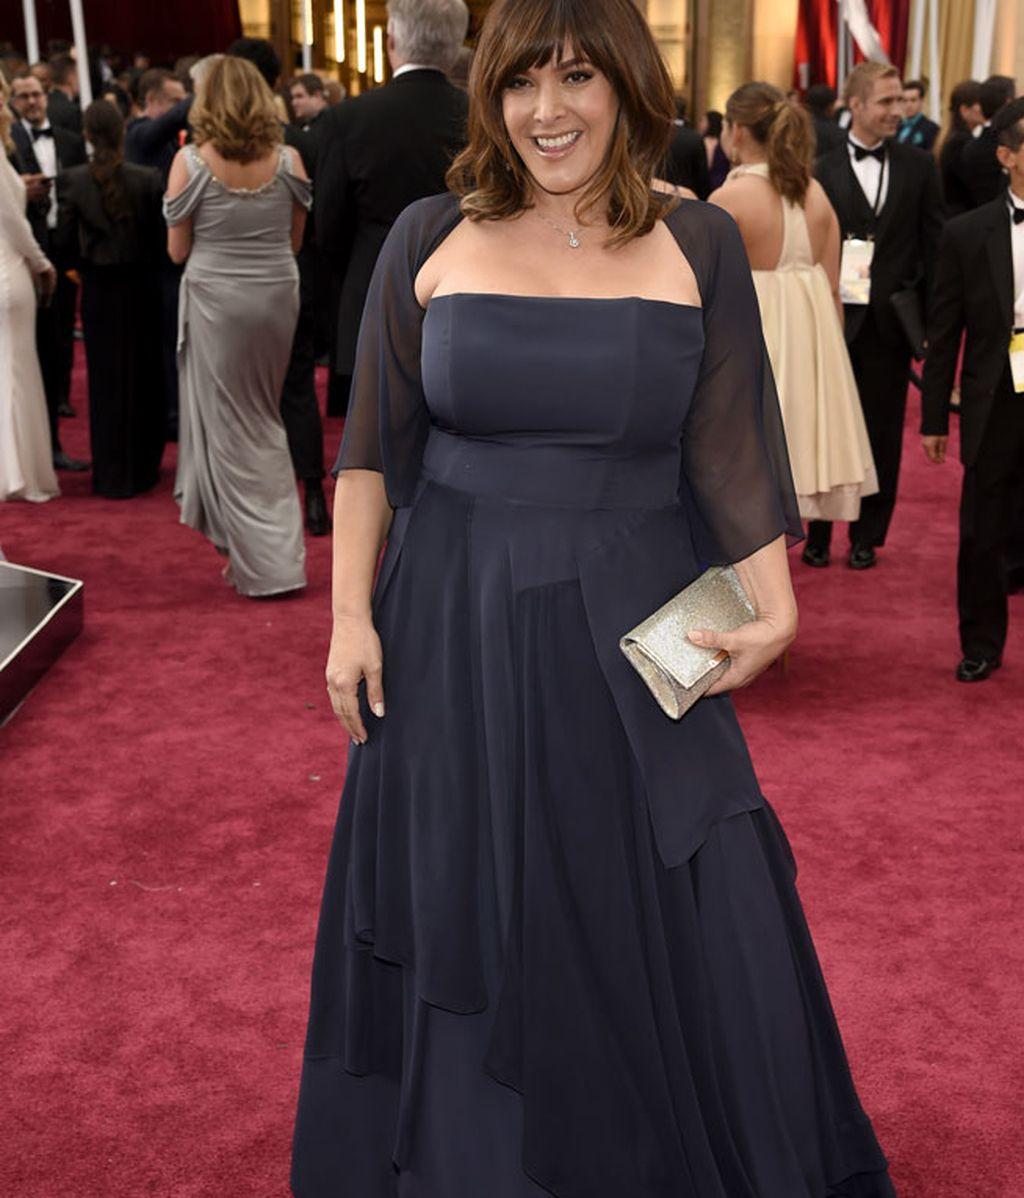 Danielle Brisebois en la alfombra roja